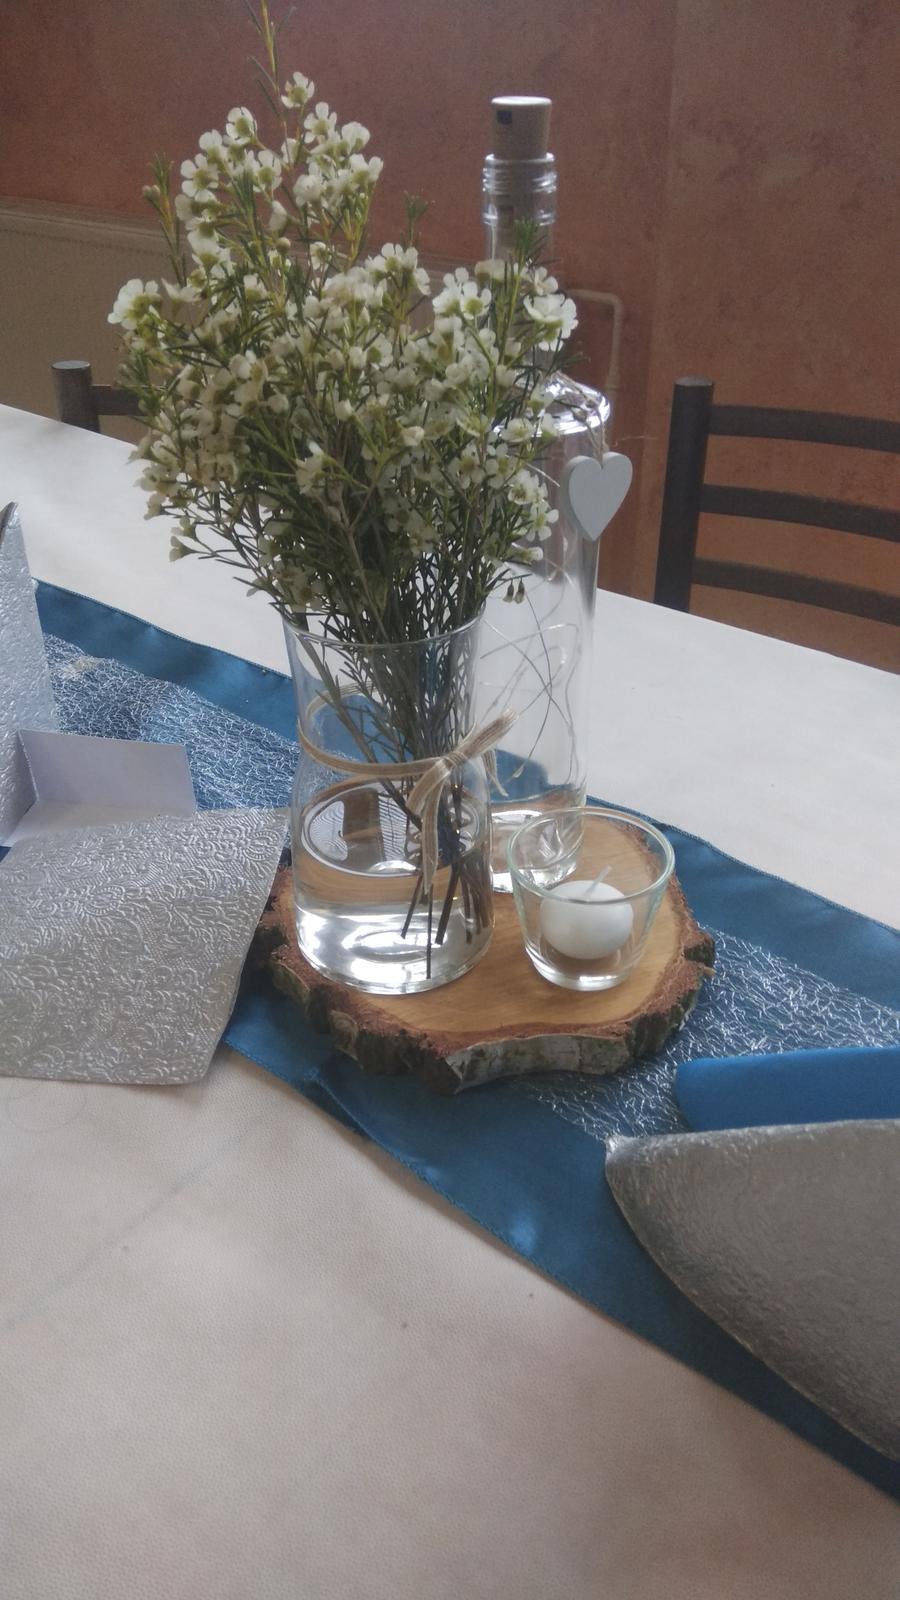 Svícen na čajovou svíčku - Obrázek č. 2